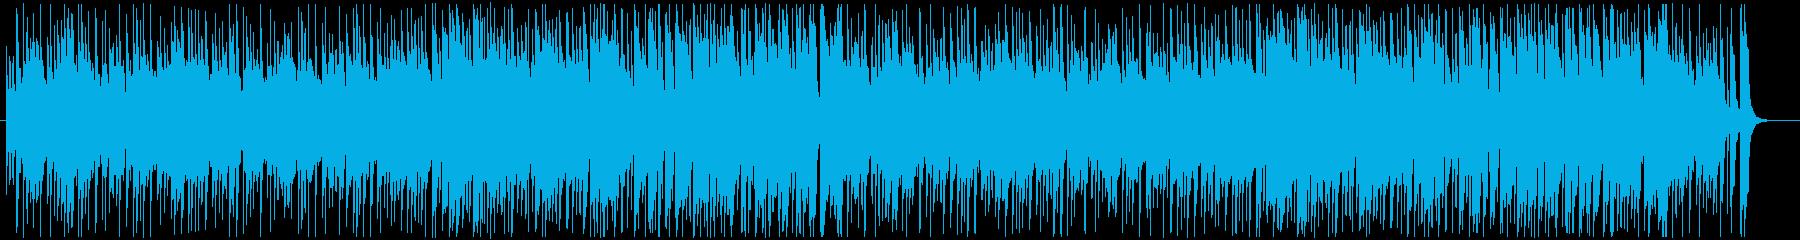 日曜の午後系BGMの再生済みの波形